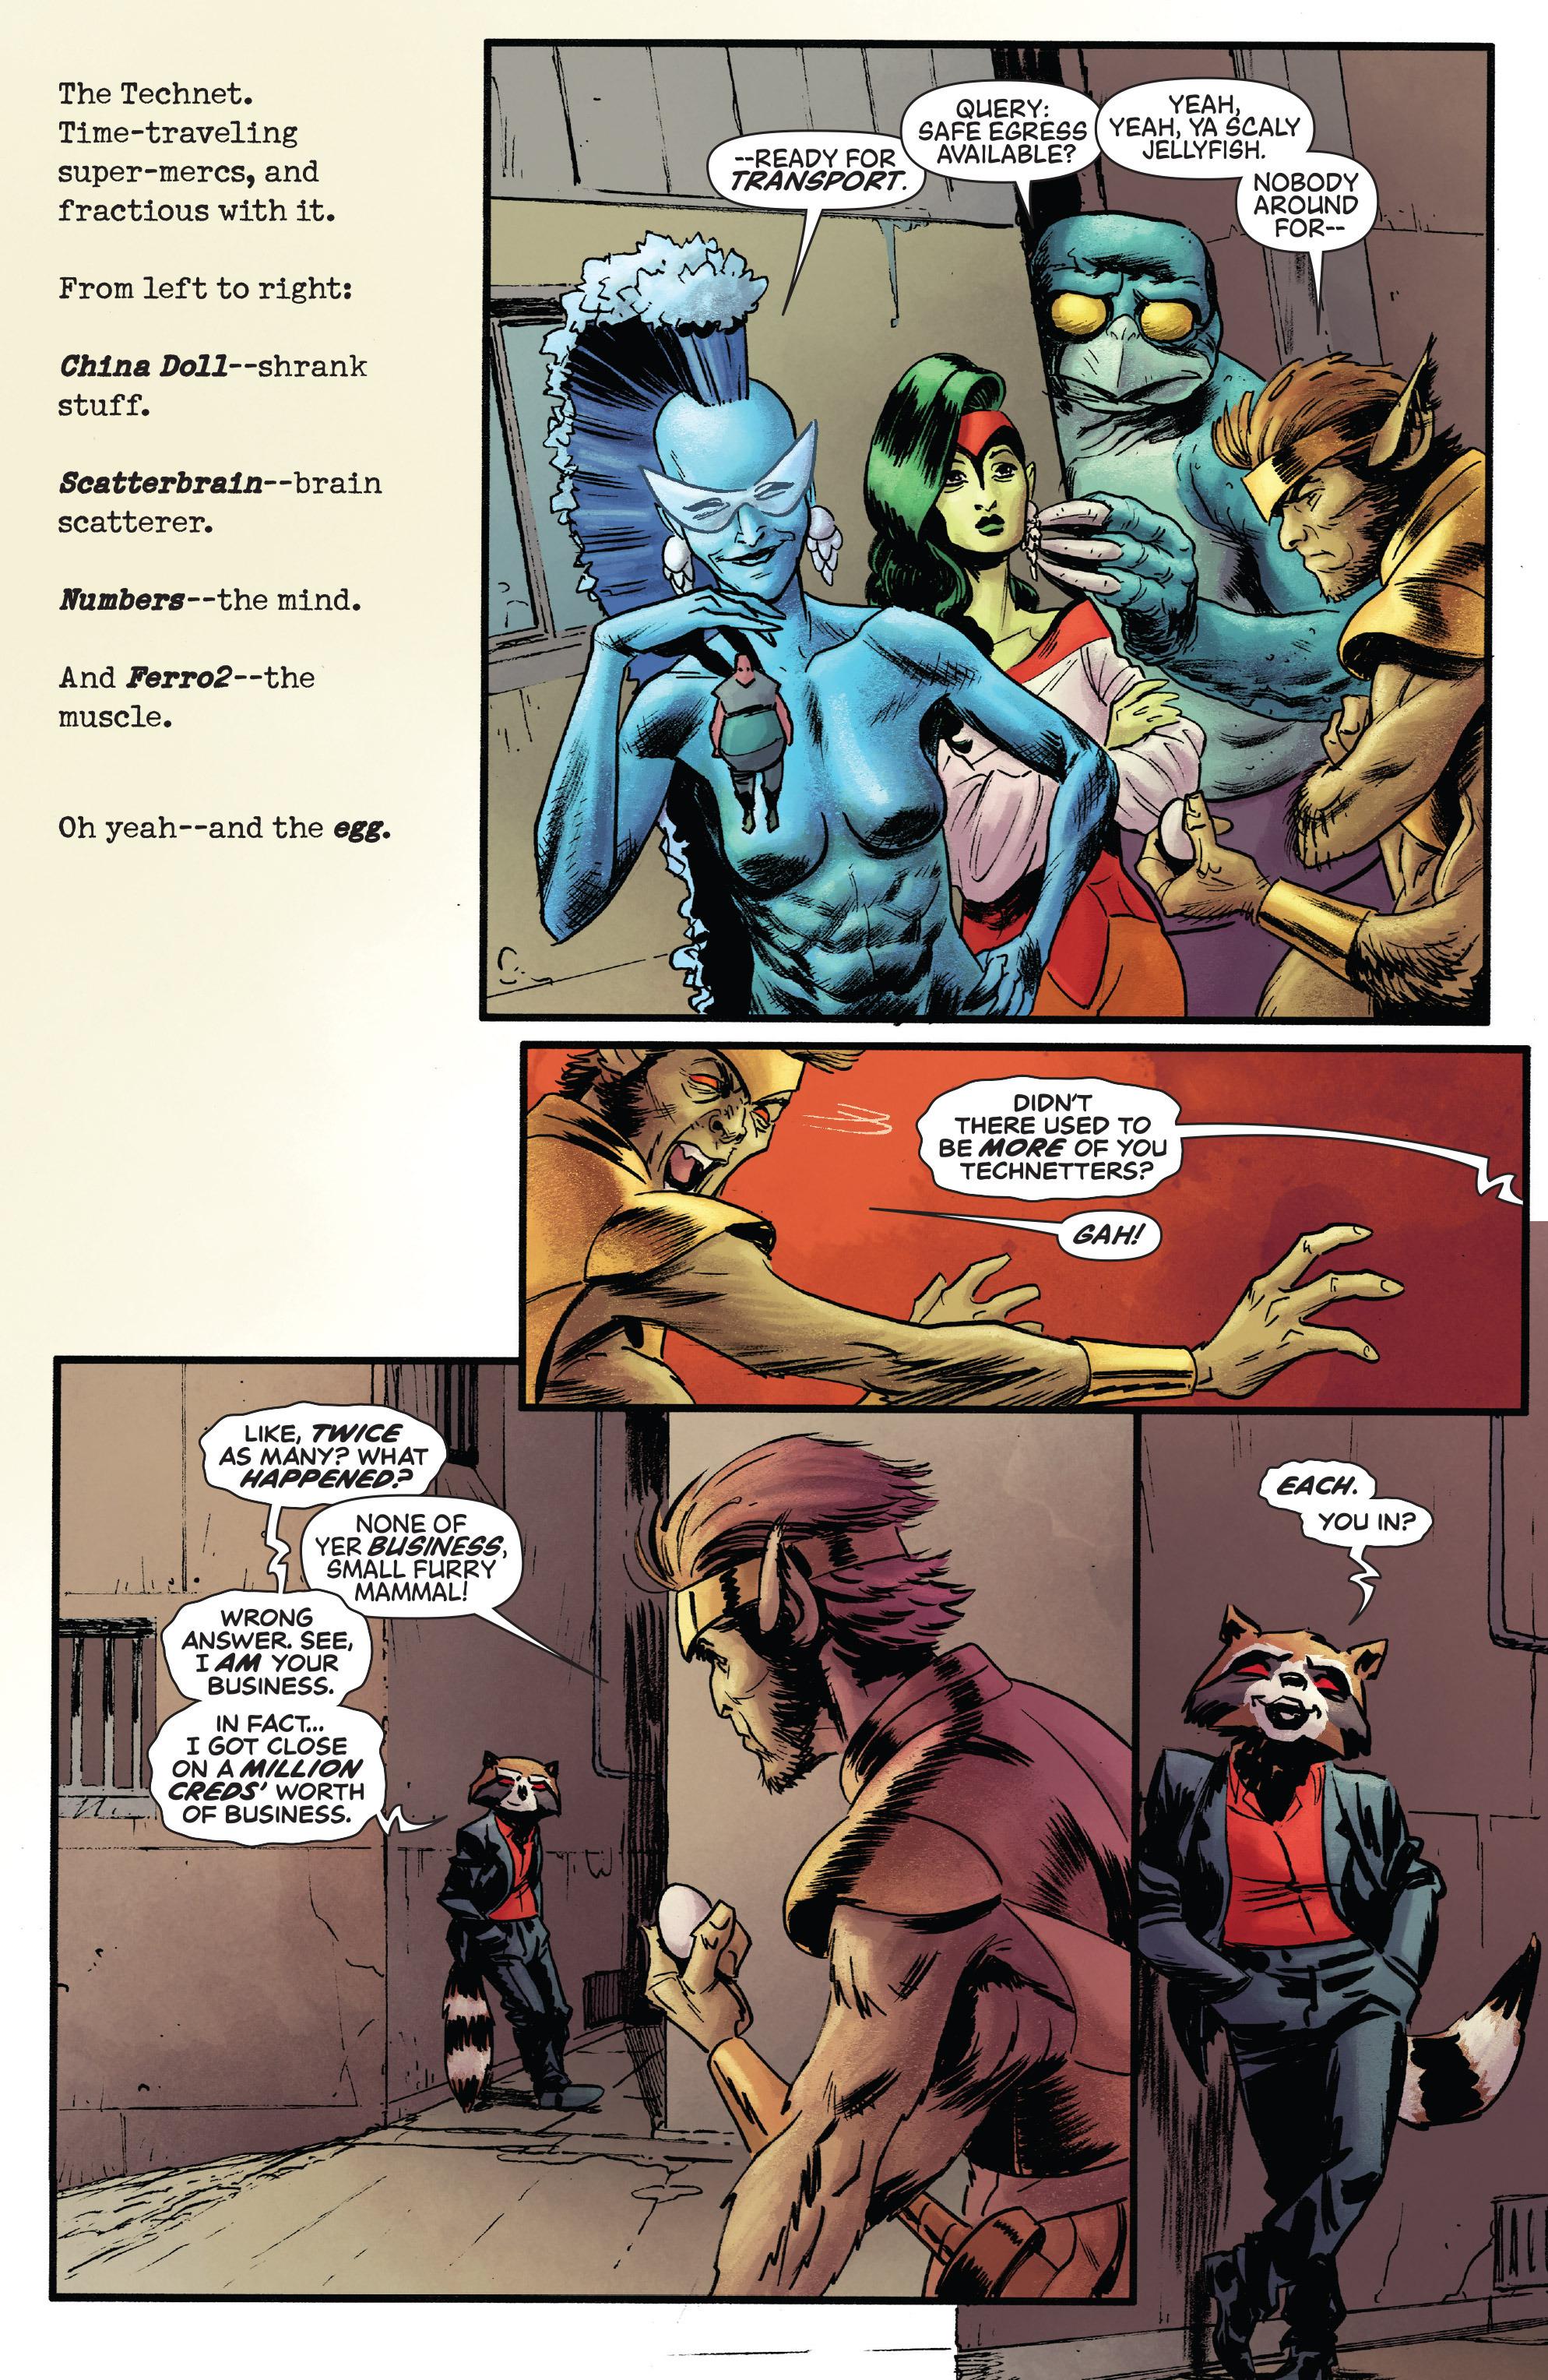 Read online Rocket comic -  Issue #1 - 13